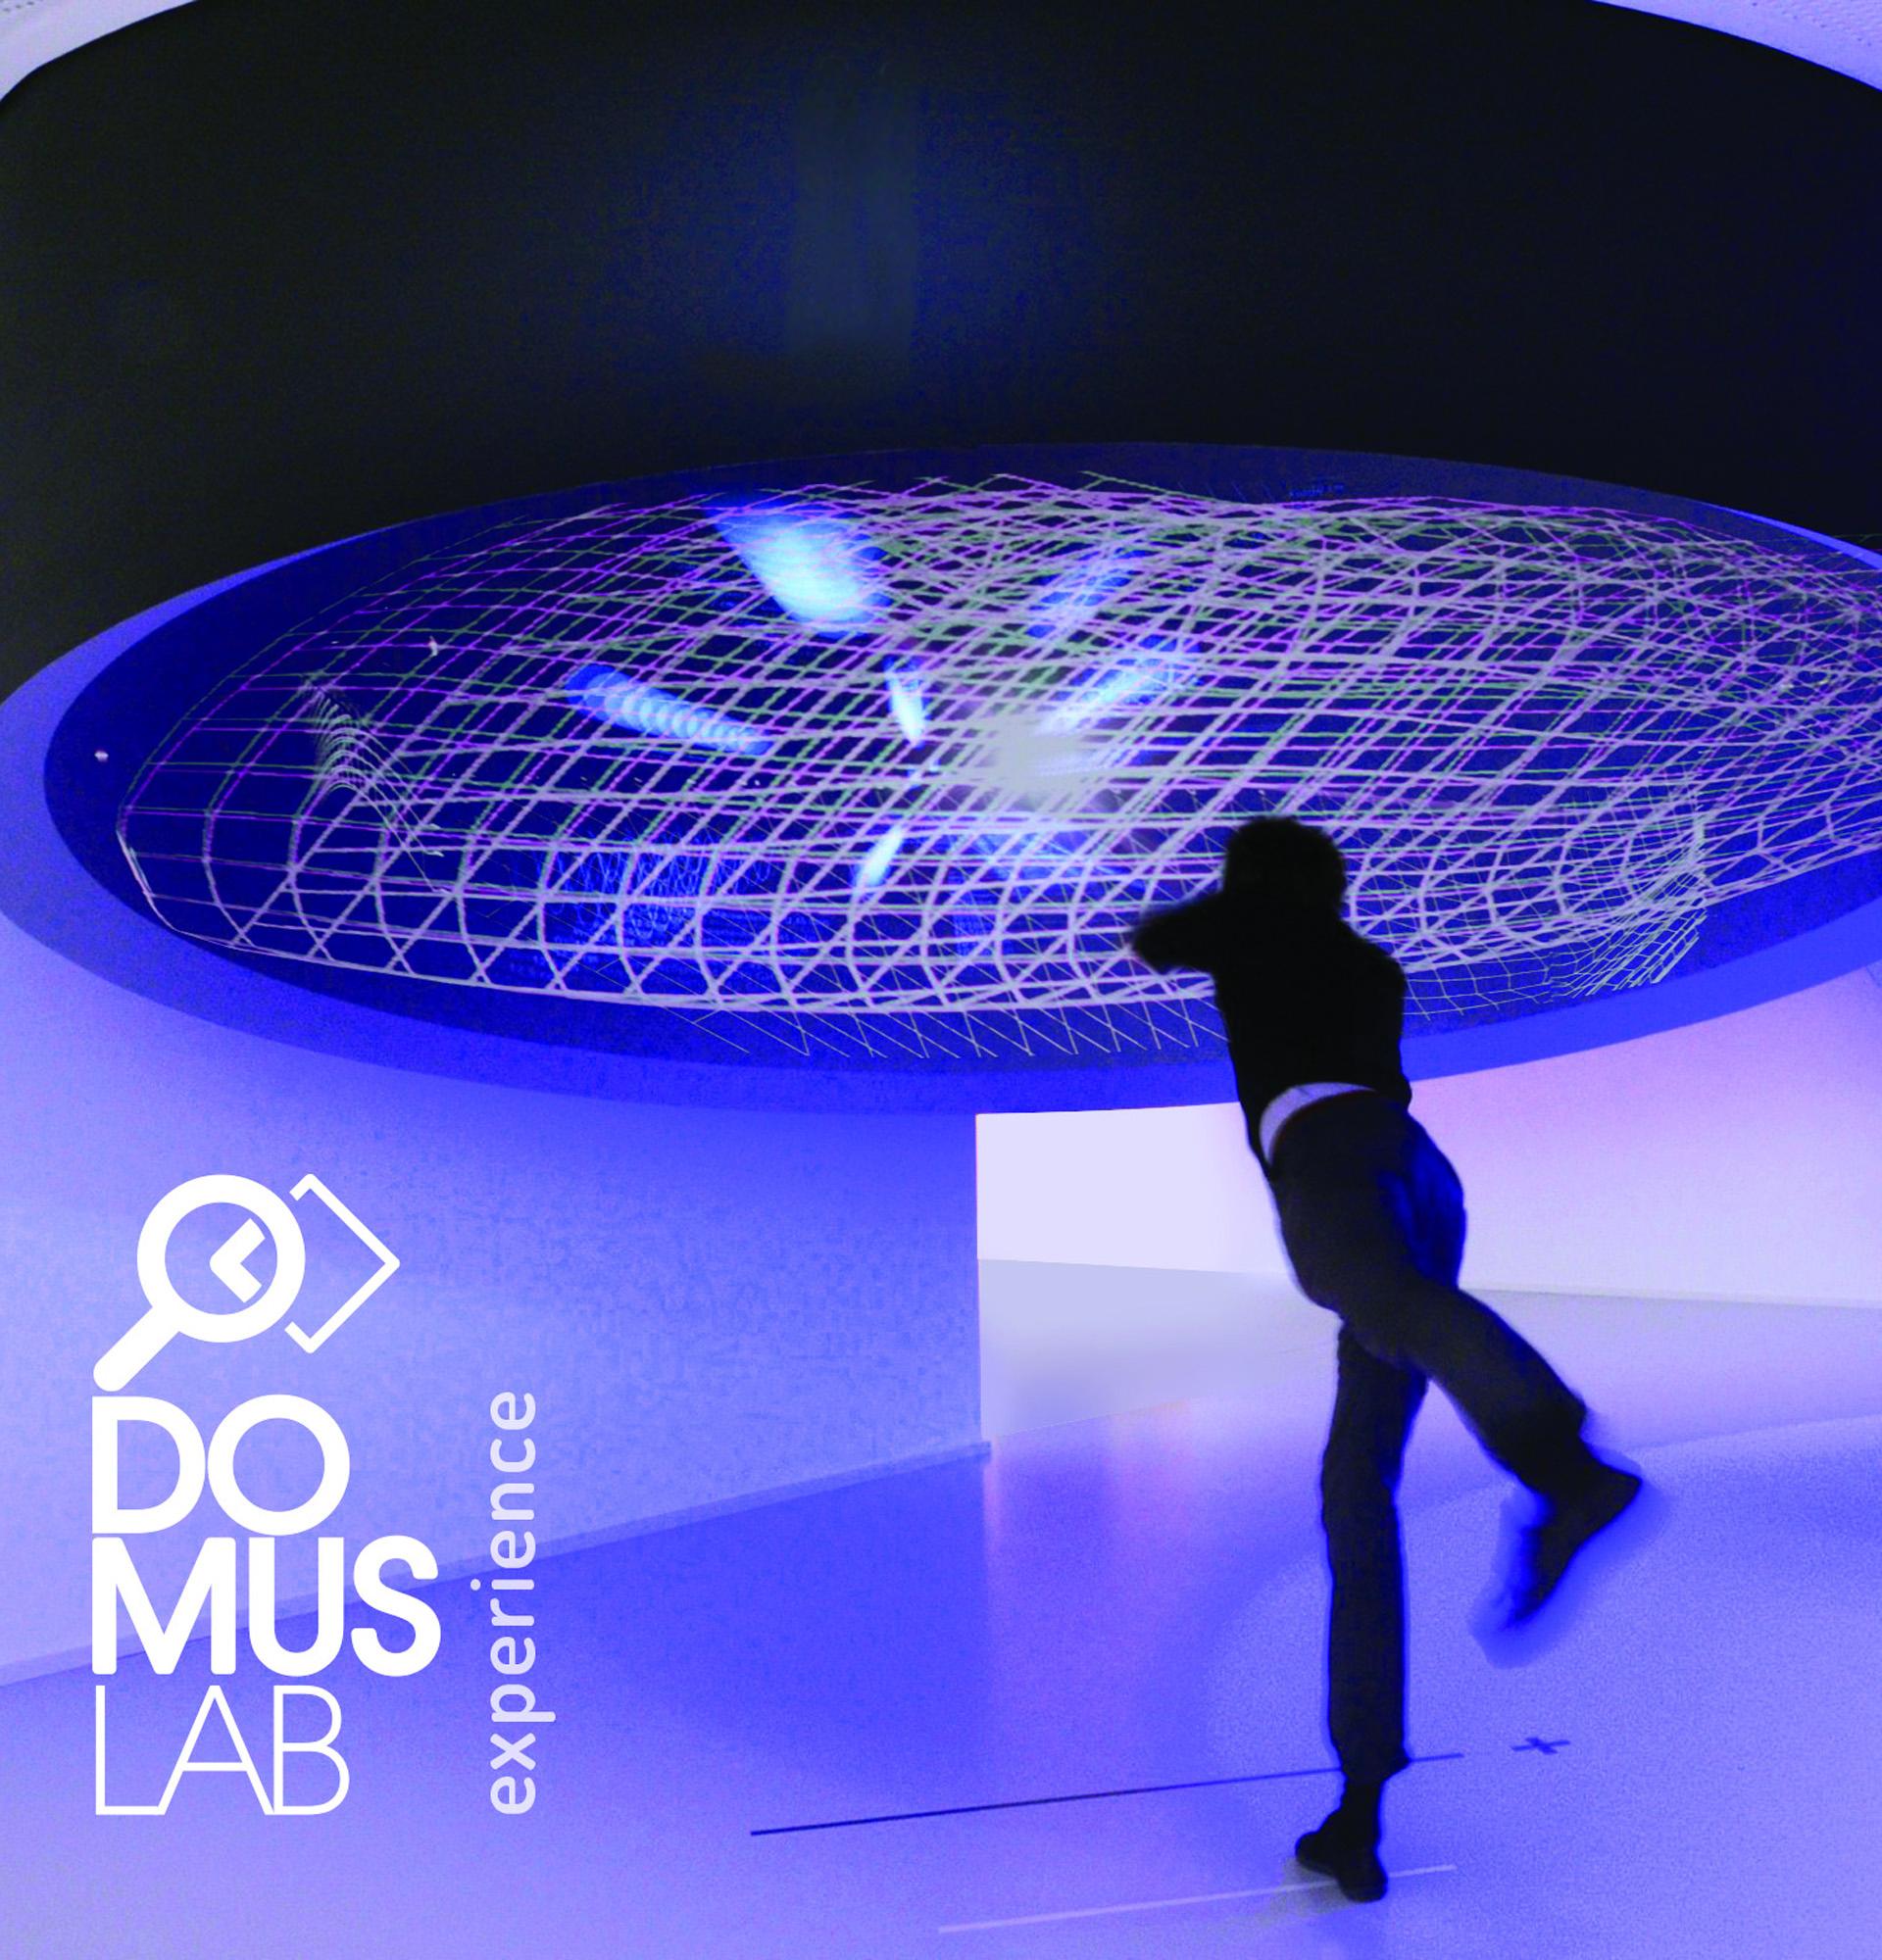 El Premio Domus Lab será entregado en octubre en el marco de la Semana de Diseño de la Ciudad de Buenos Aires.